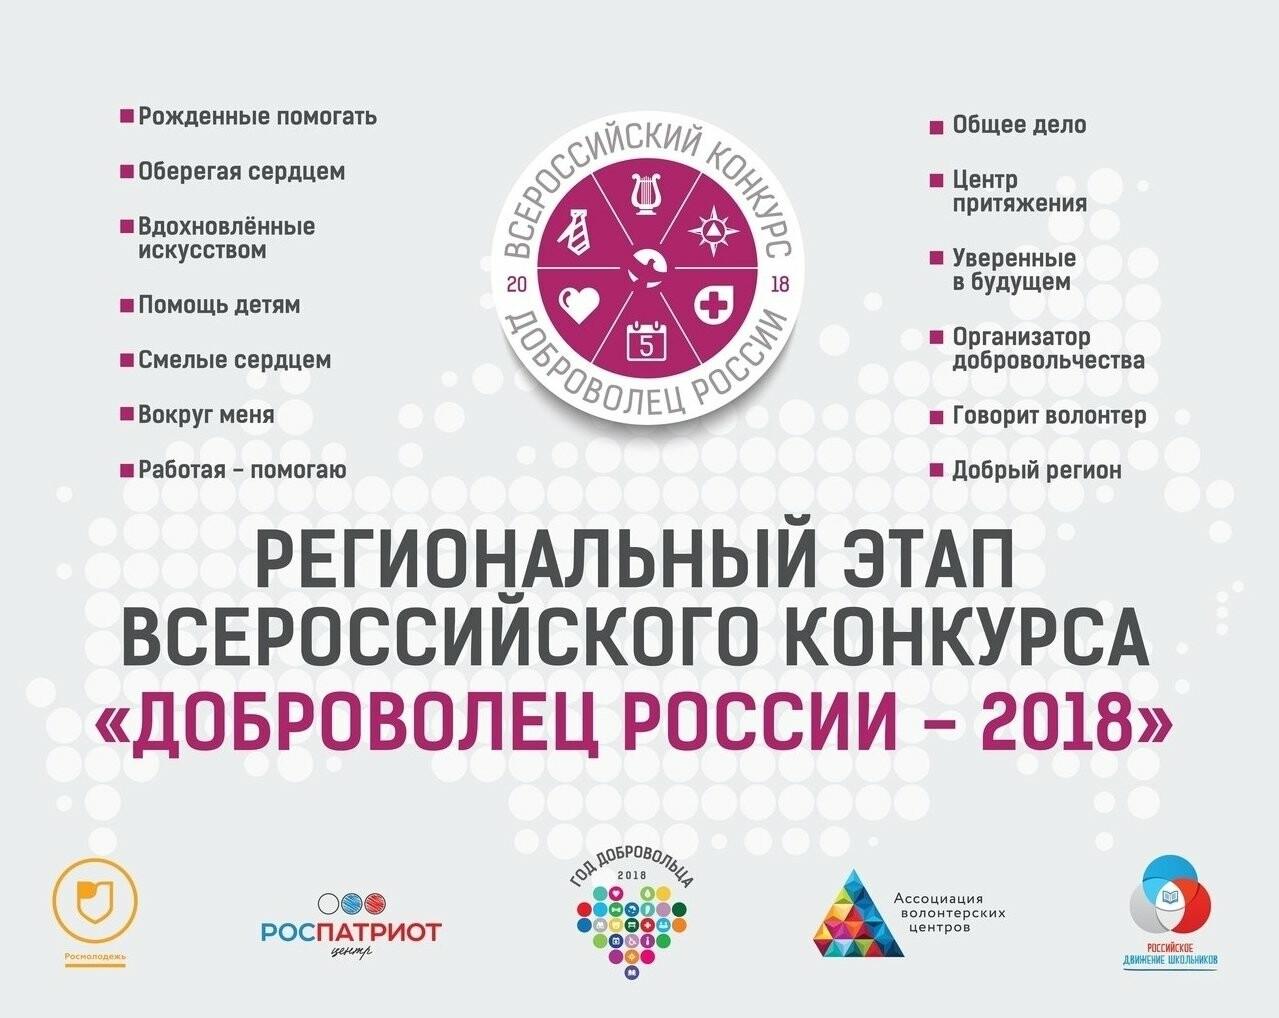 Список номинаций конкурса «Доброволец России-2018»